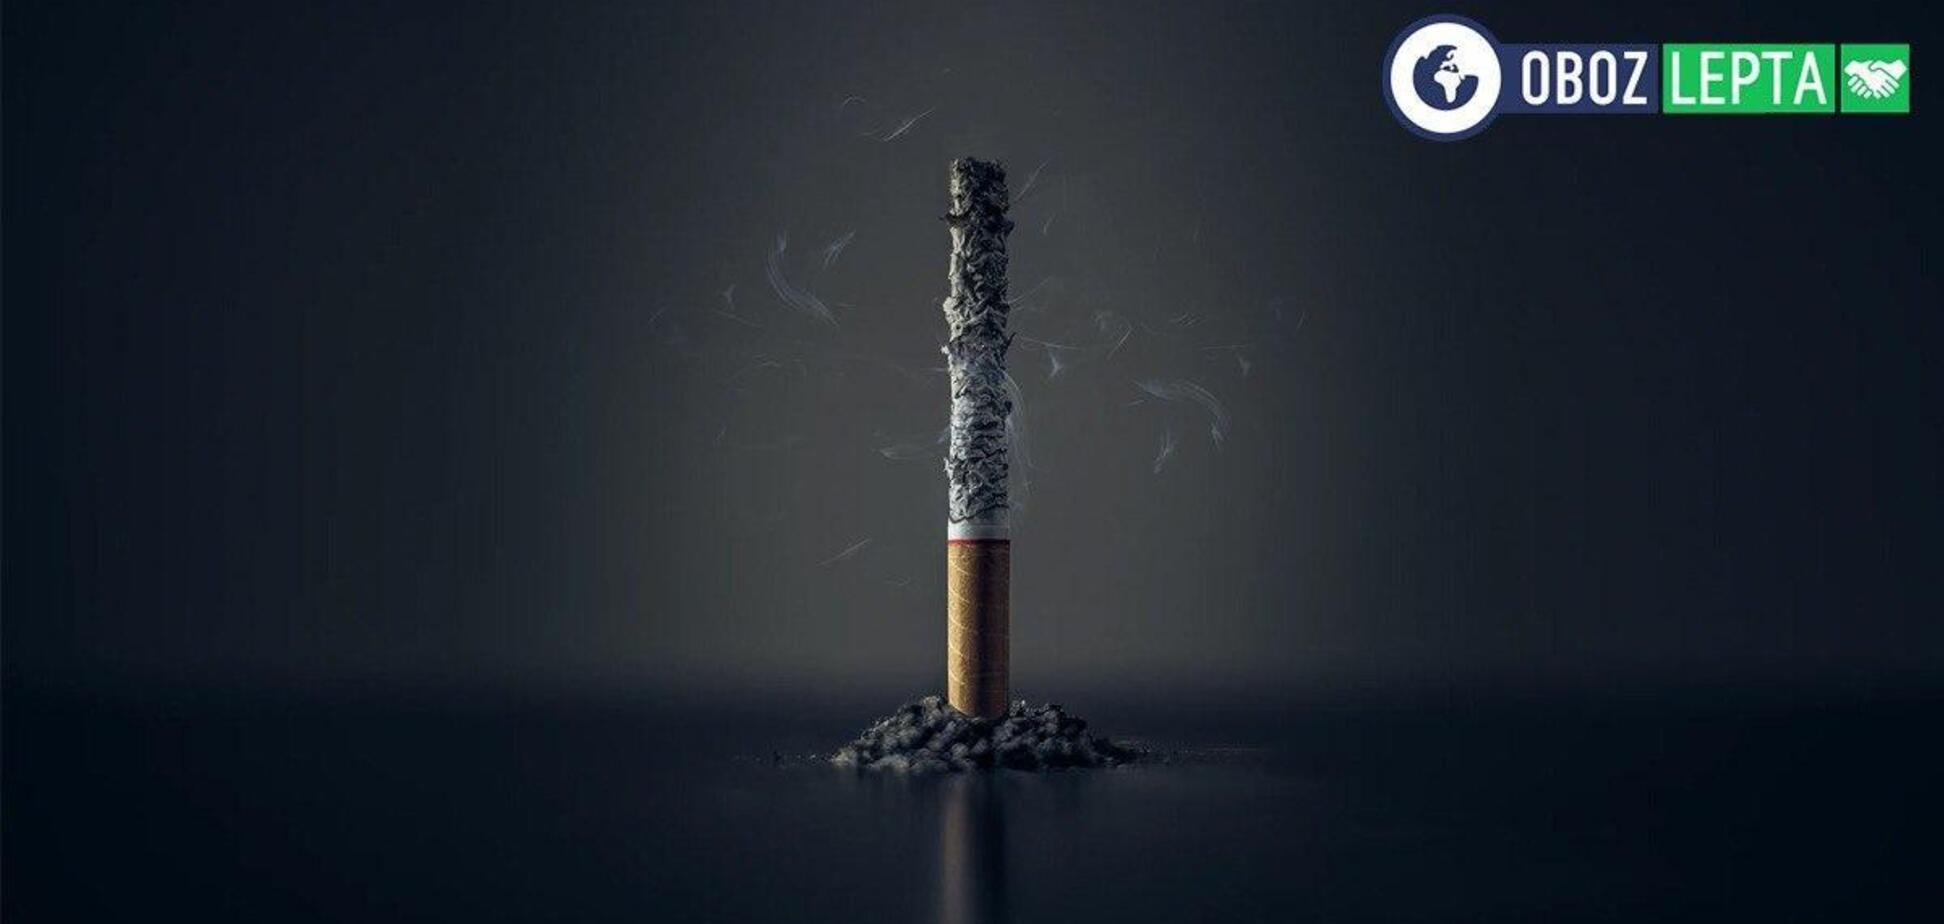 Бізнес по совісті vol.2. Якою має бути соціальна відповідальність виробників тютюну?